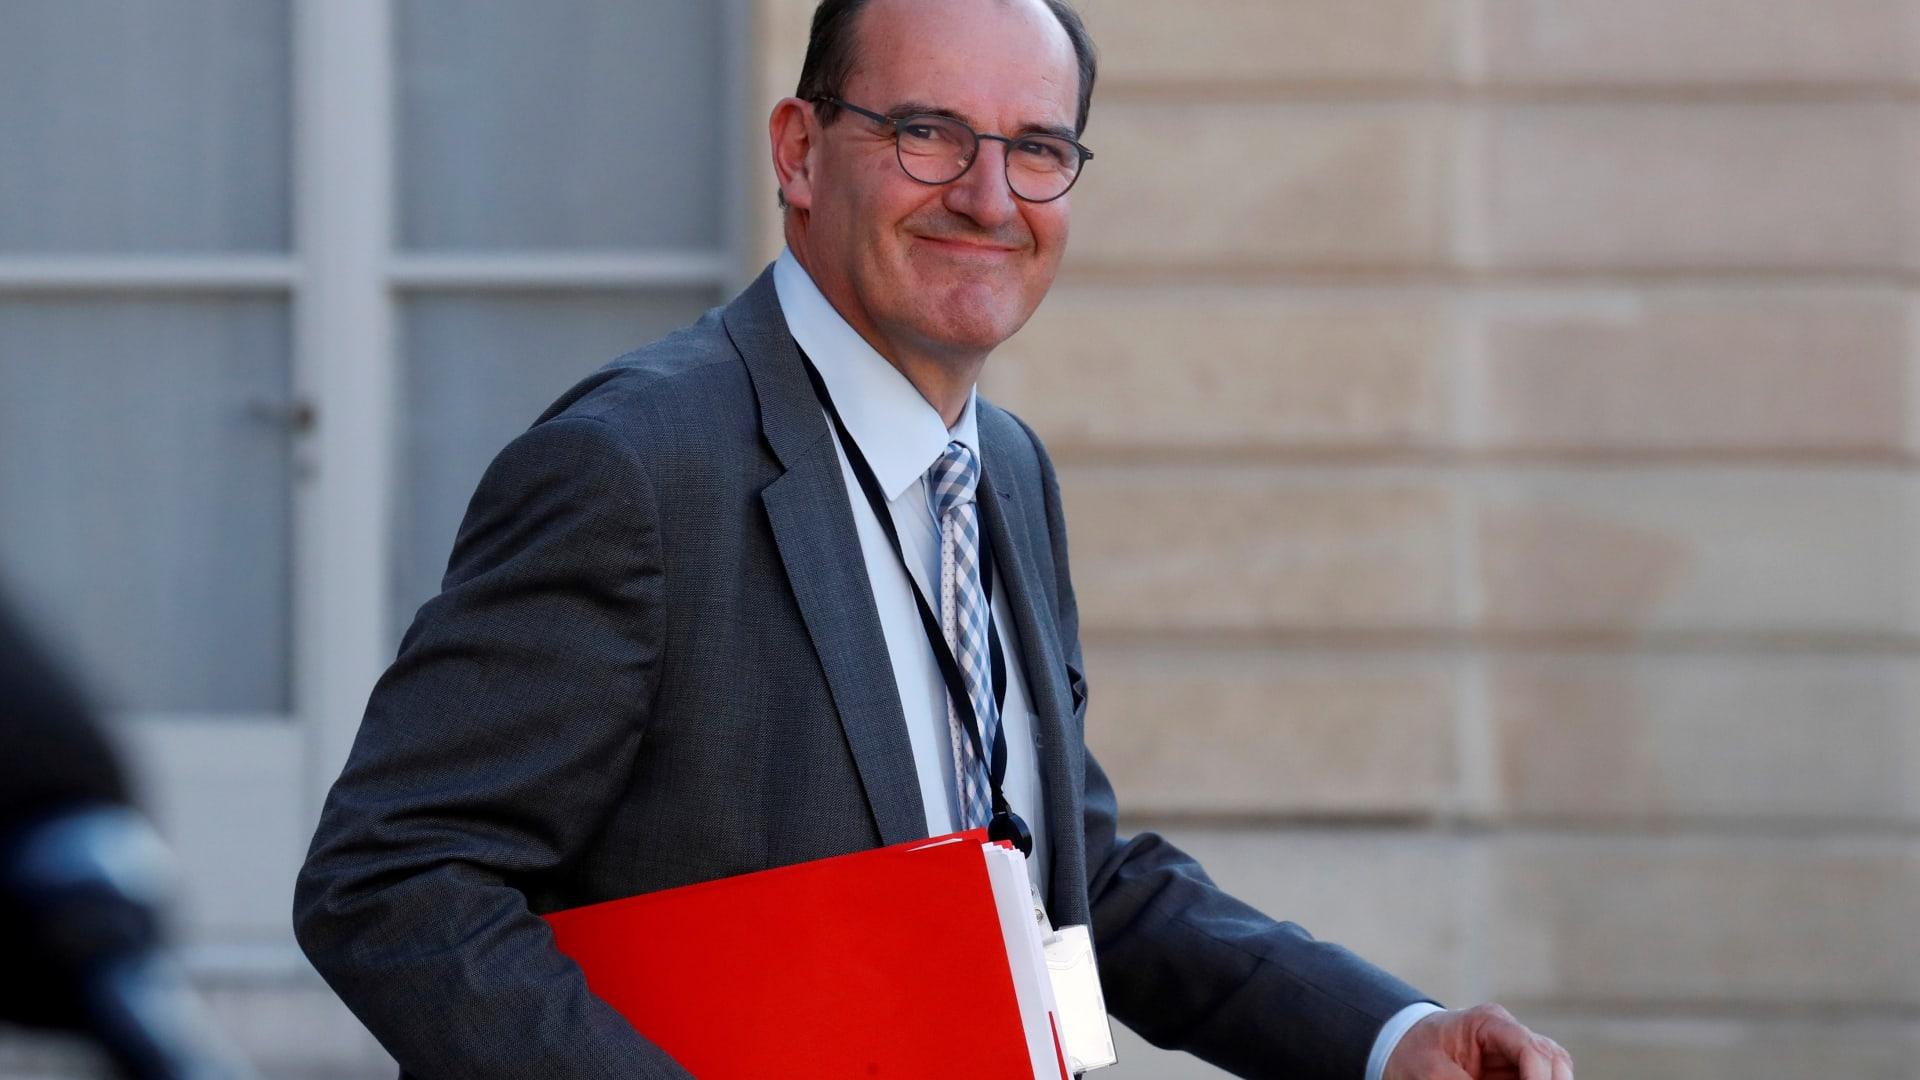 """ساهم بفتح اقتصاد البلاد بعد """"إغلاق كورونا"""".. من هو رئيس الوزراء الفرنسي الجديد؟"""